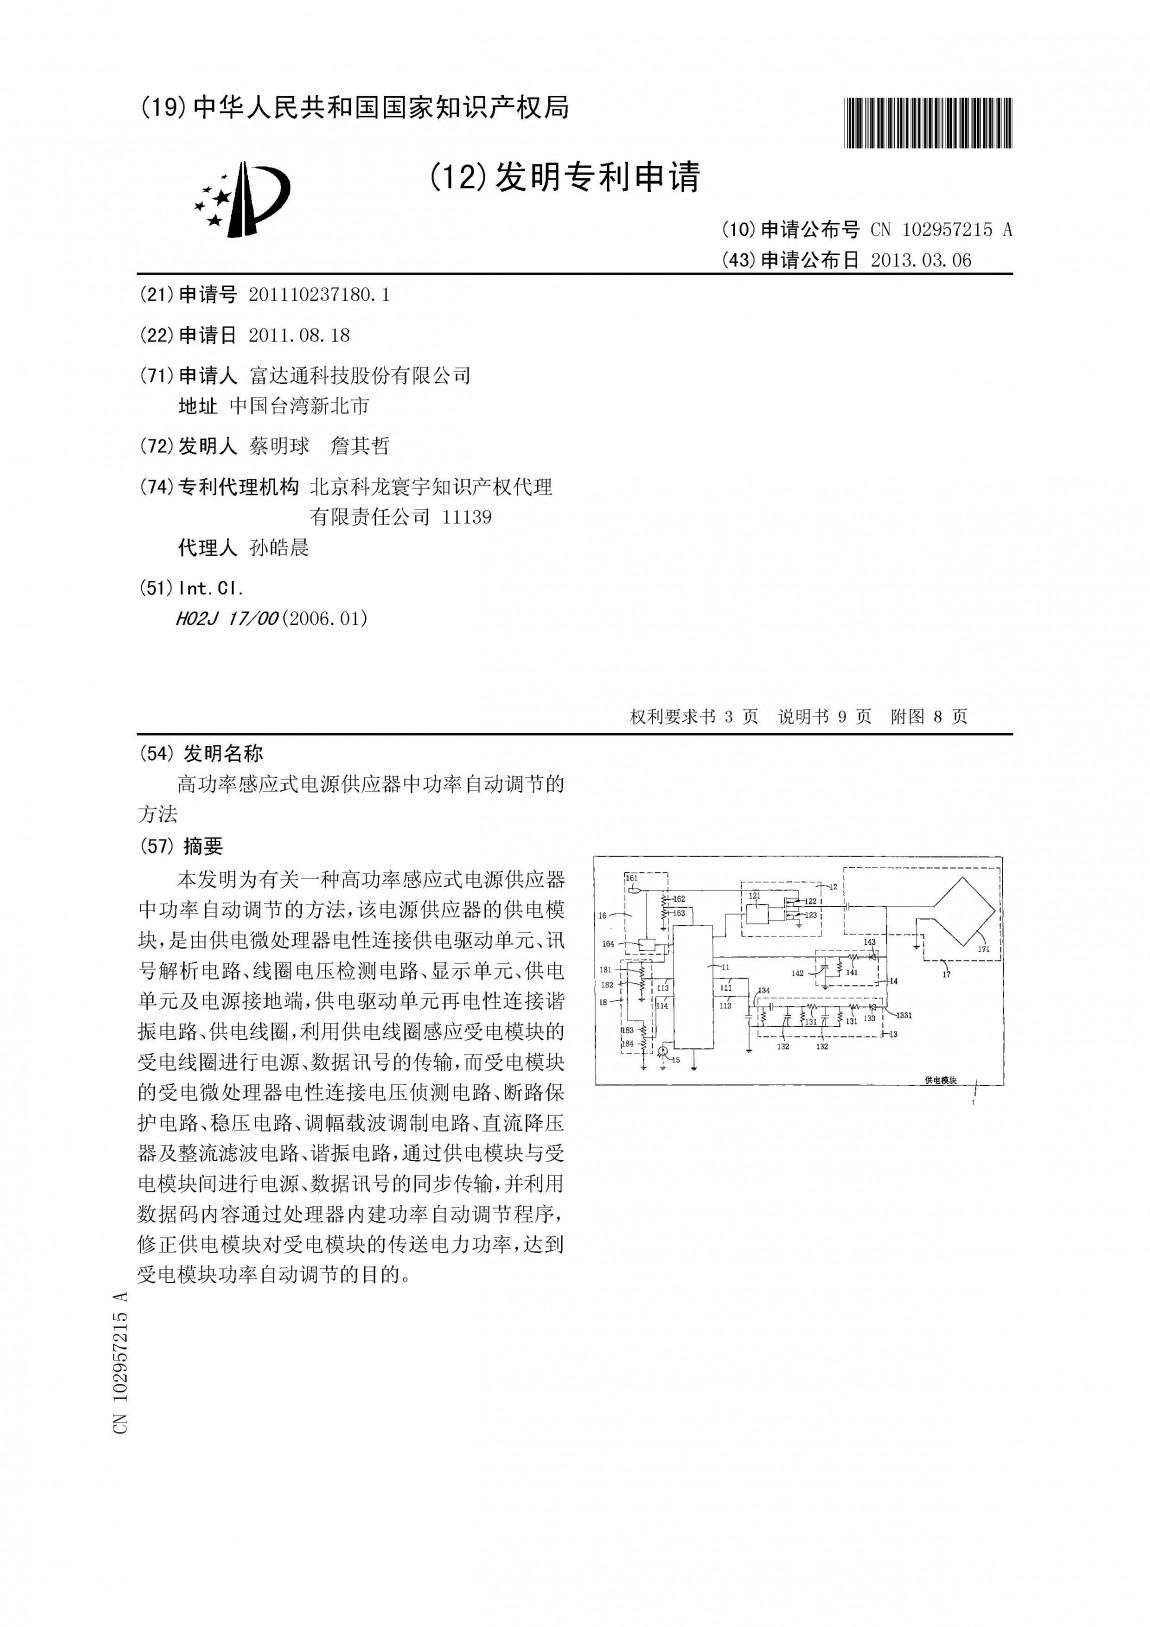 富達通專利12-高功率感应式电源供应器中功率自动调节的方法(台灣)CN102957215A